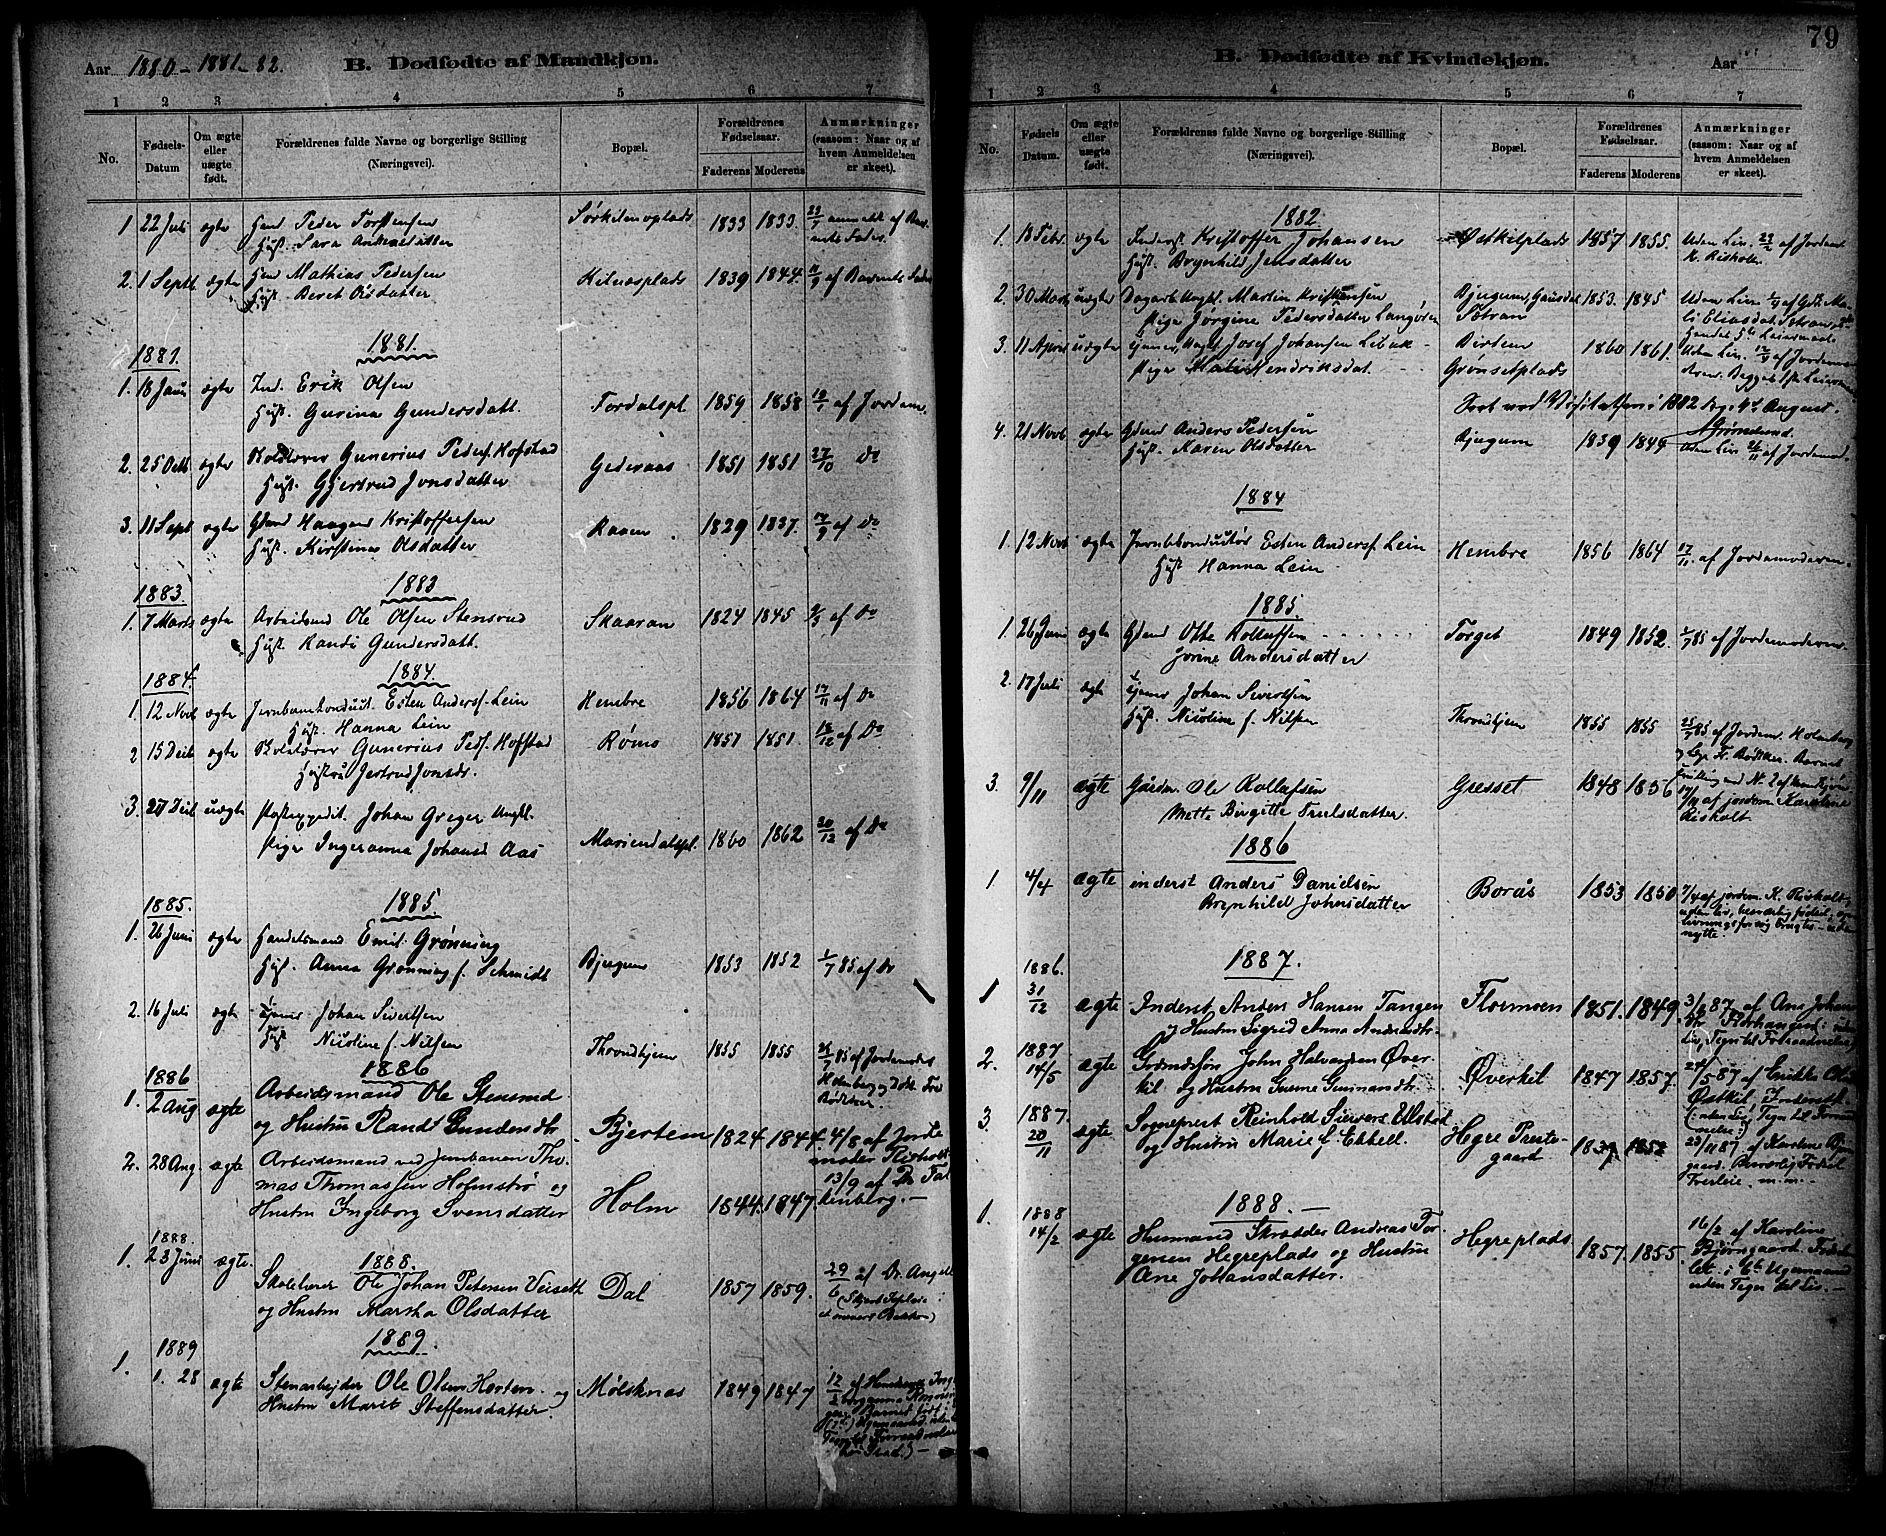 SAT, Ministerialprotokoller, klokkerbøker og fødselsregistre - Nord-Trøndelag, 703/L0030: Ministerialbok nr. 703A03, 1880-1892, s. 79